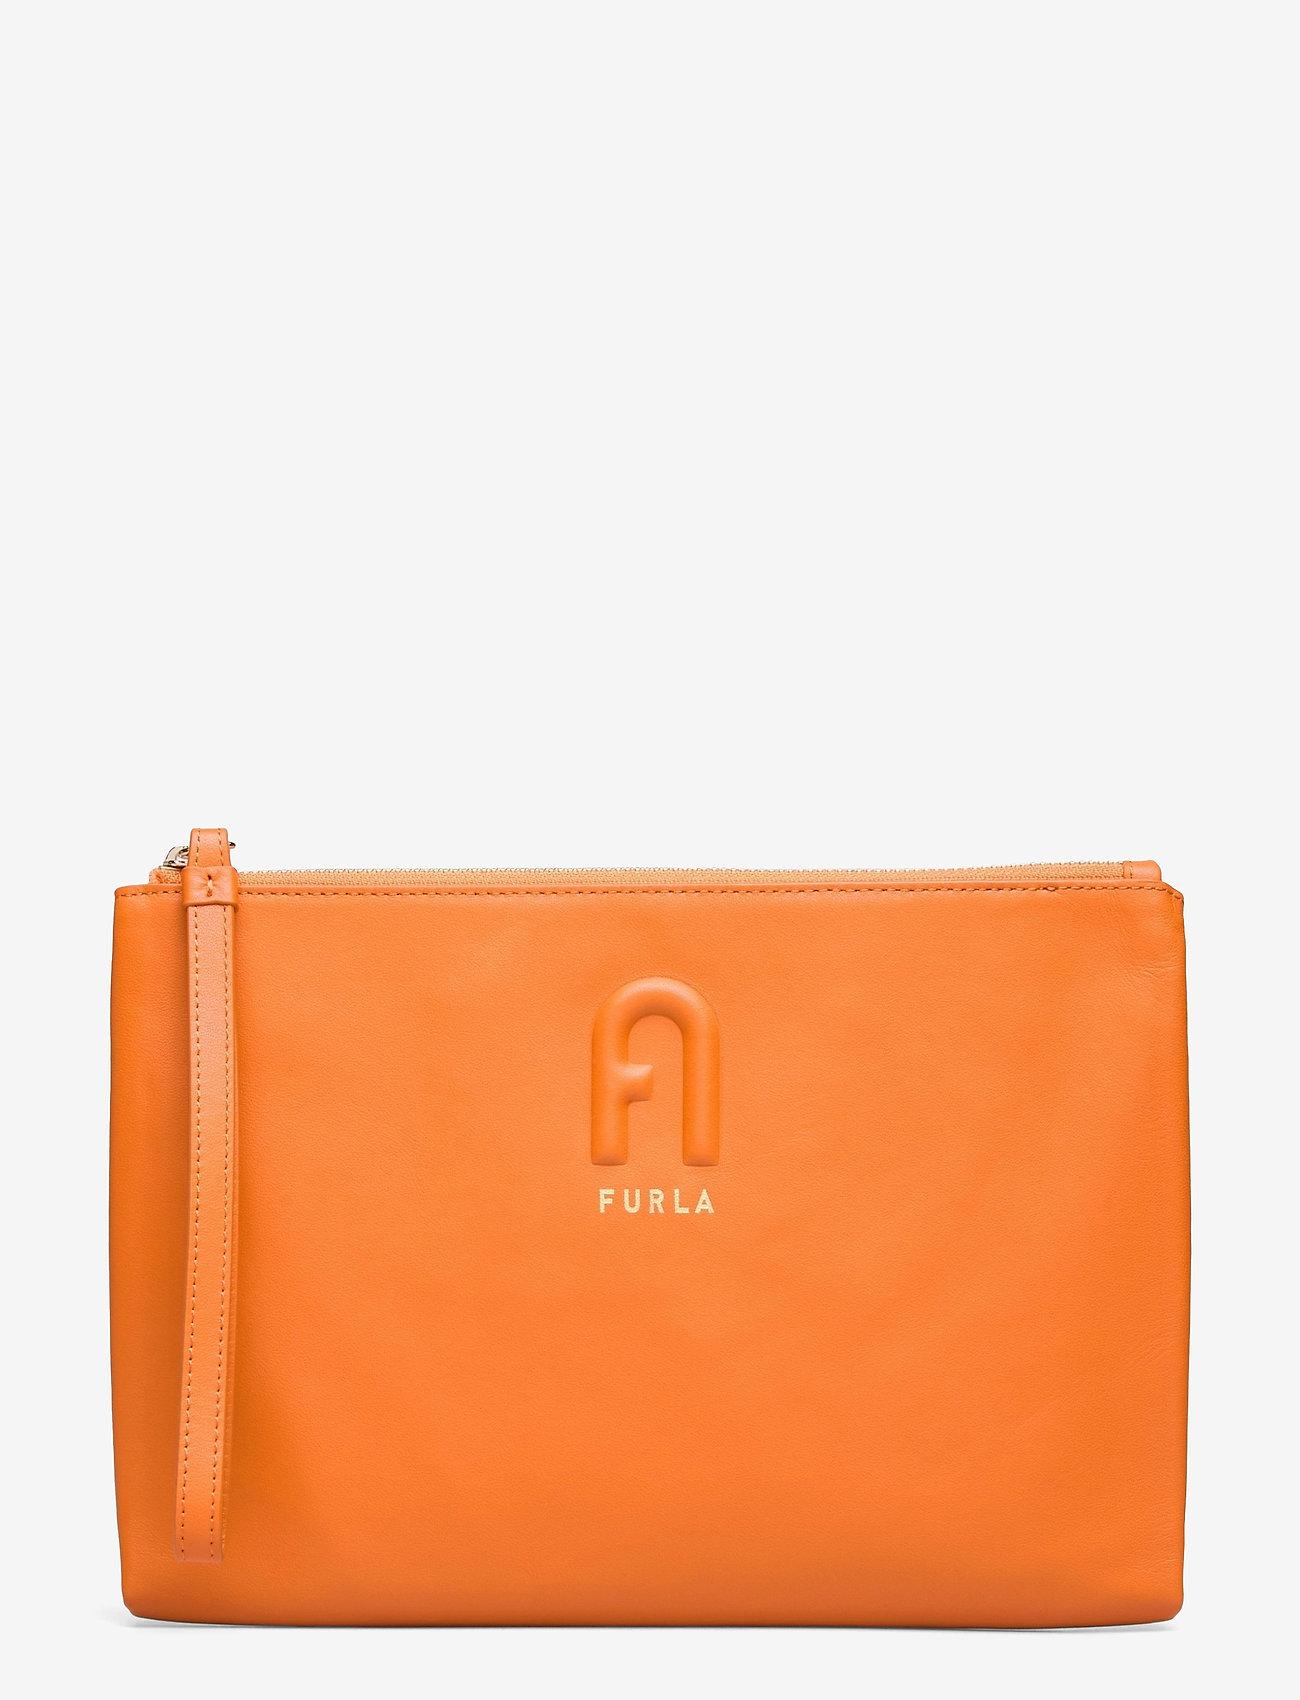 Furla - FURLA RITA XL ENVELOPE - clutches - orange i - 0